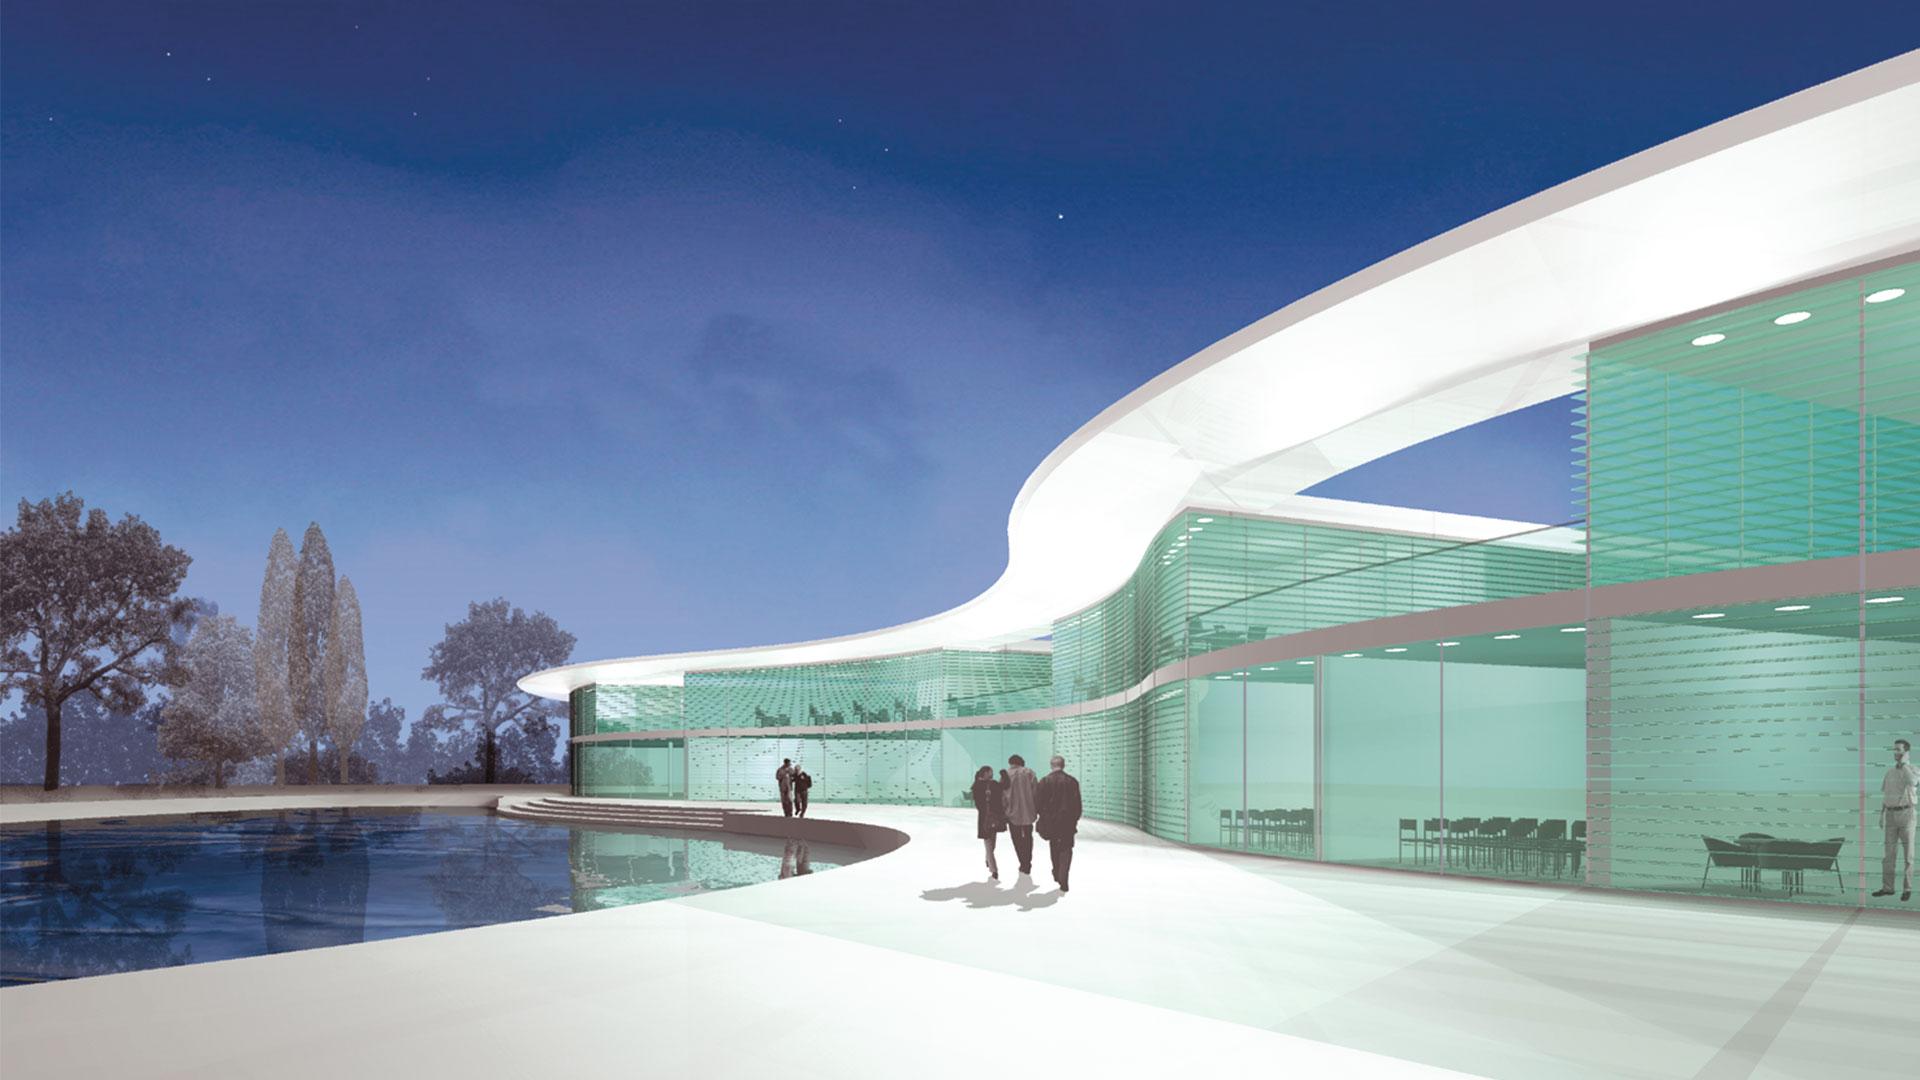 Ksv z chtungsforschungsinstitut f r kulturpflanzen for Design hotel quedlinburg